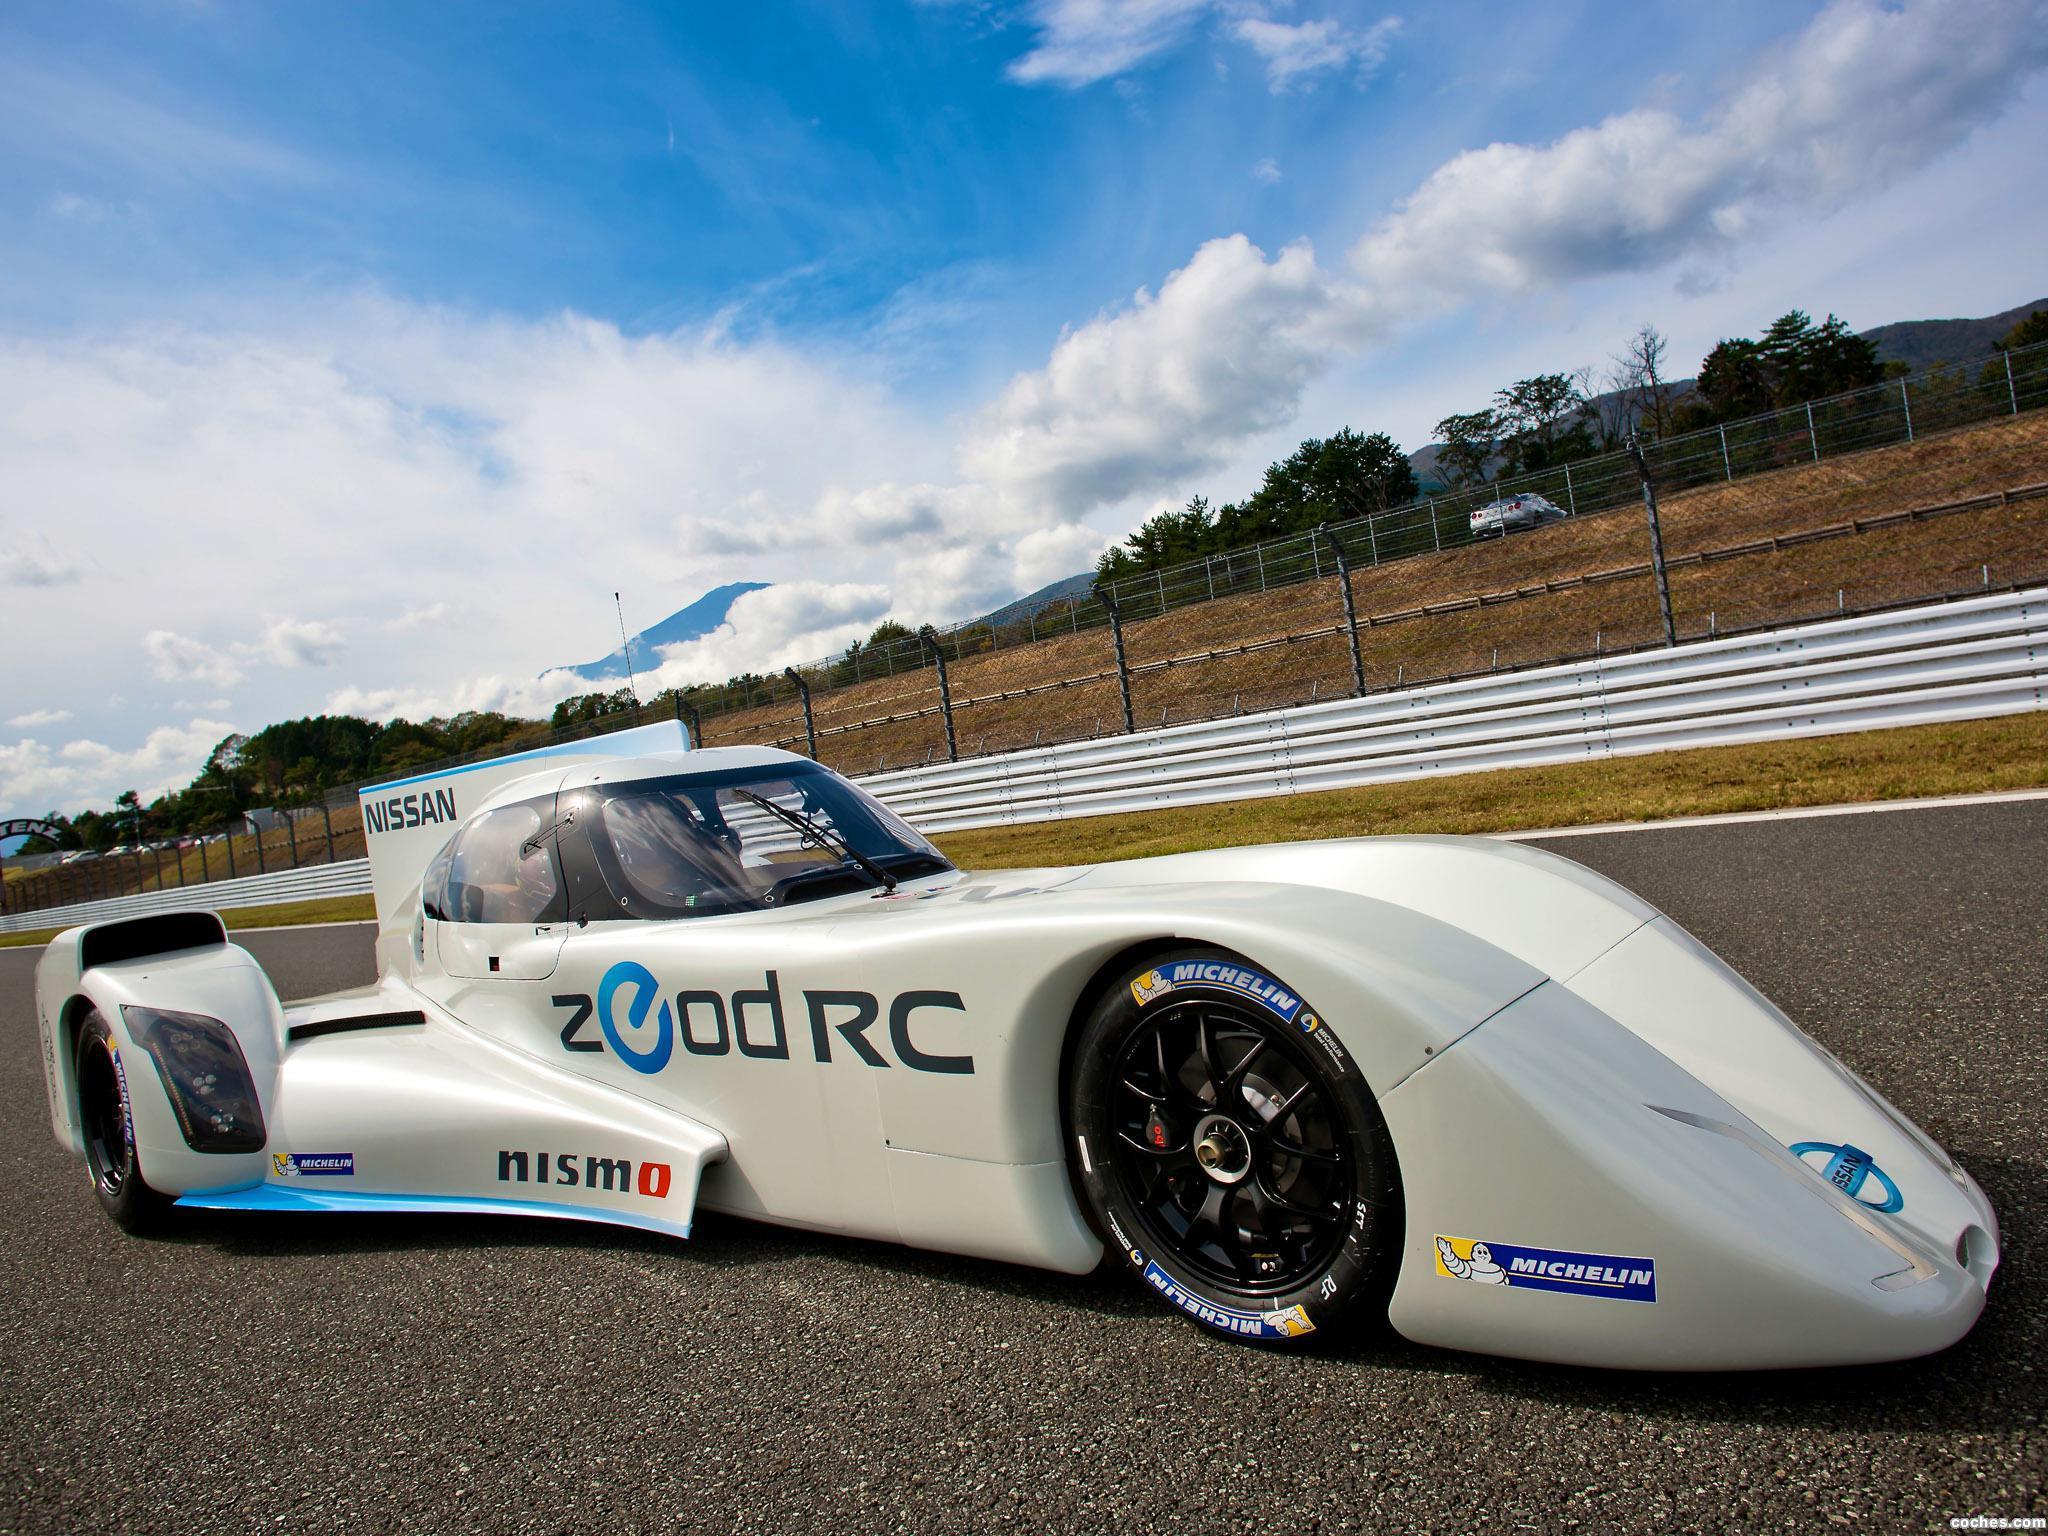 Foto 37 de Nissan ZEOD RC 2014